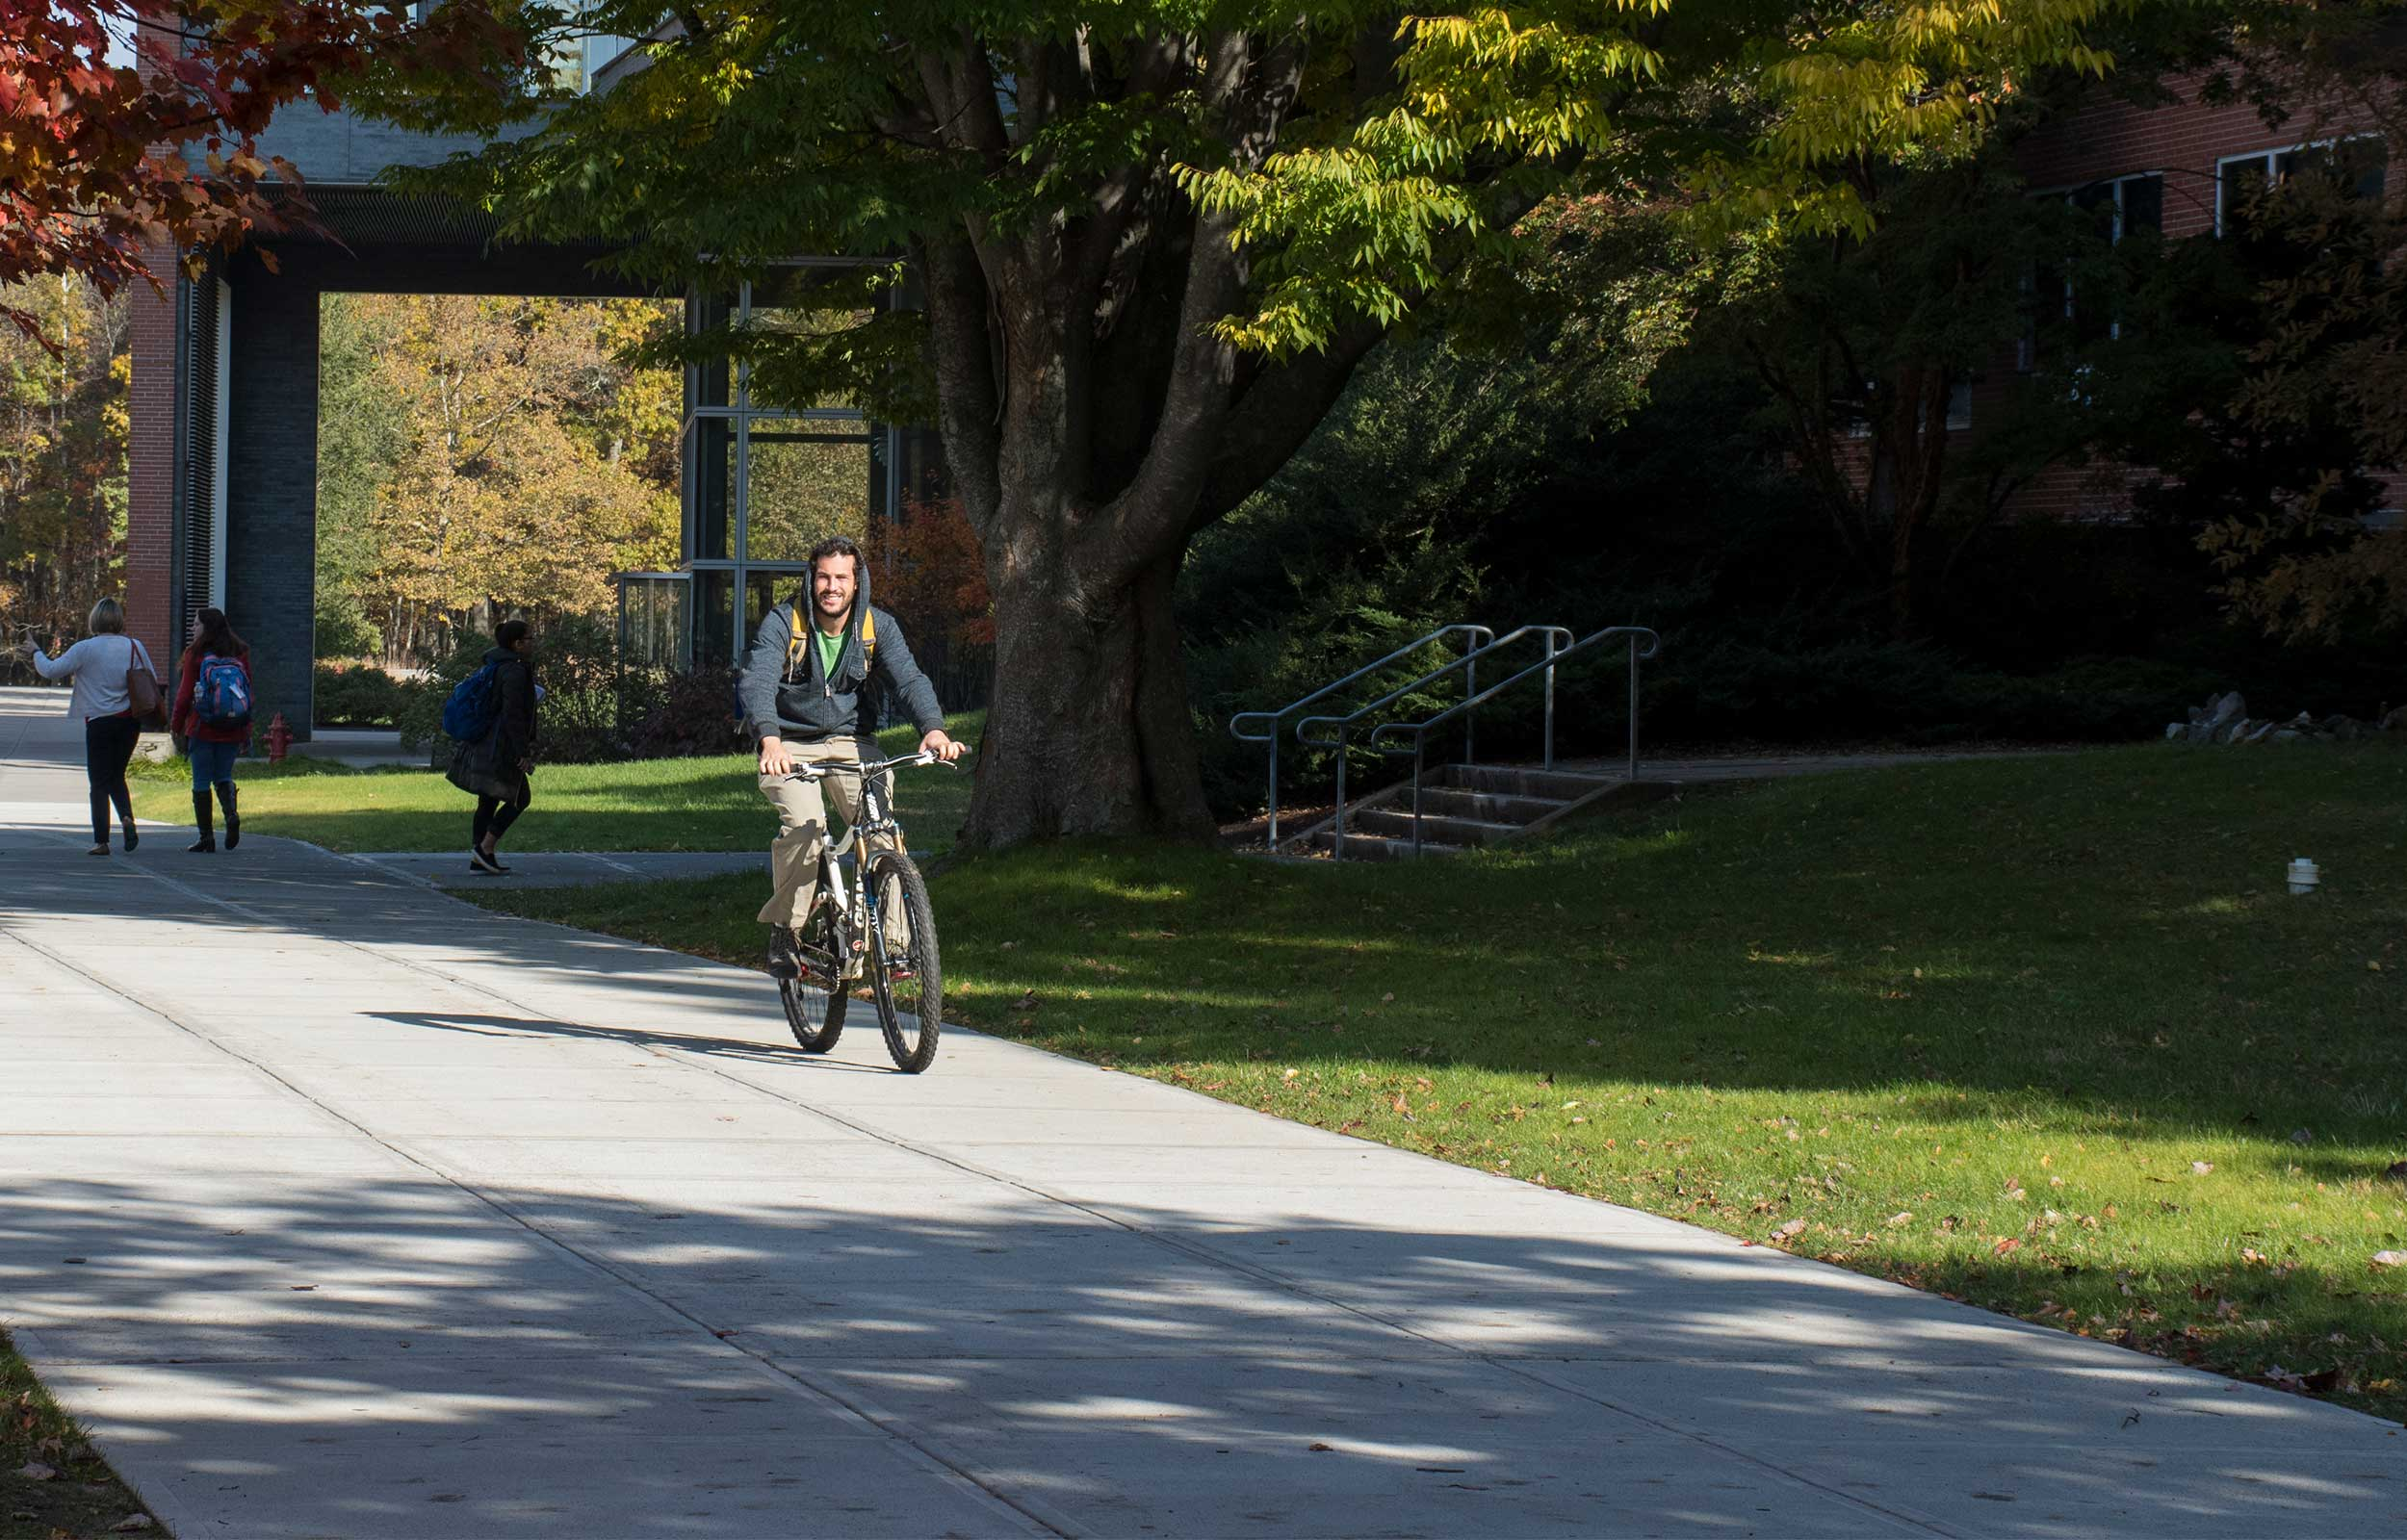 Boy riding a bike on campus